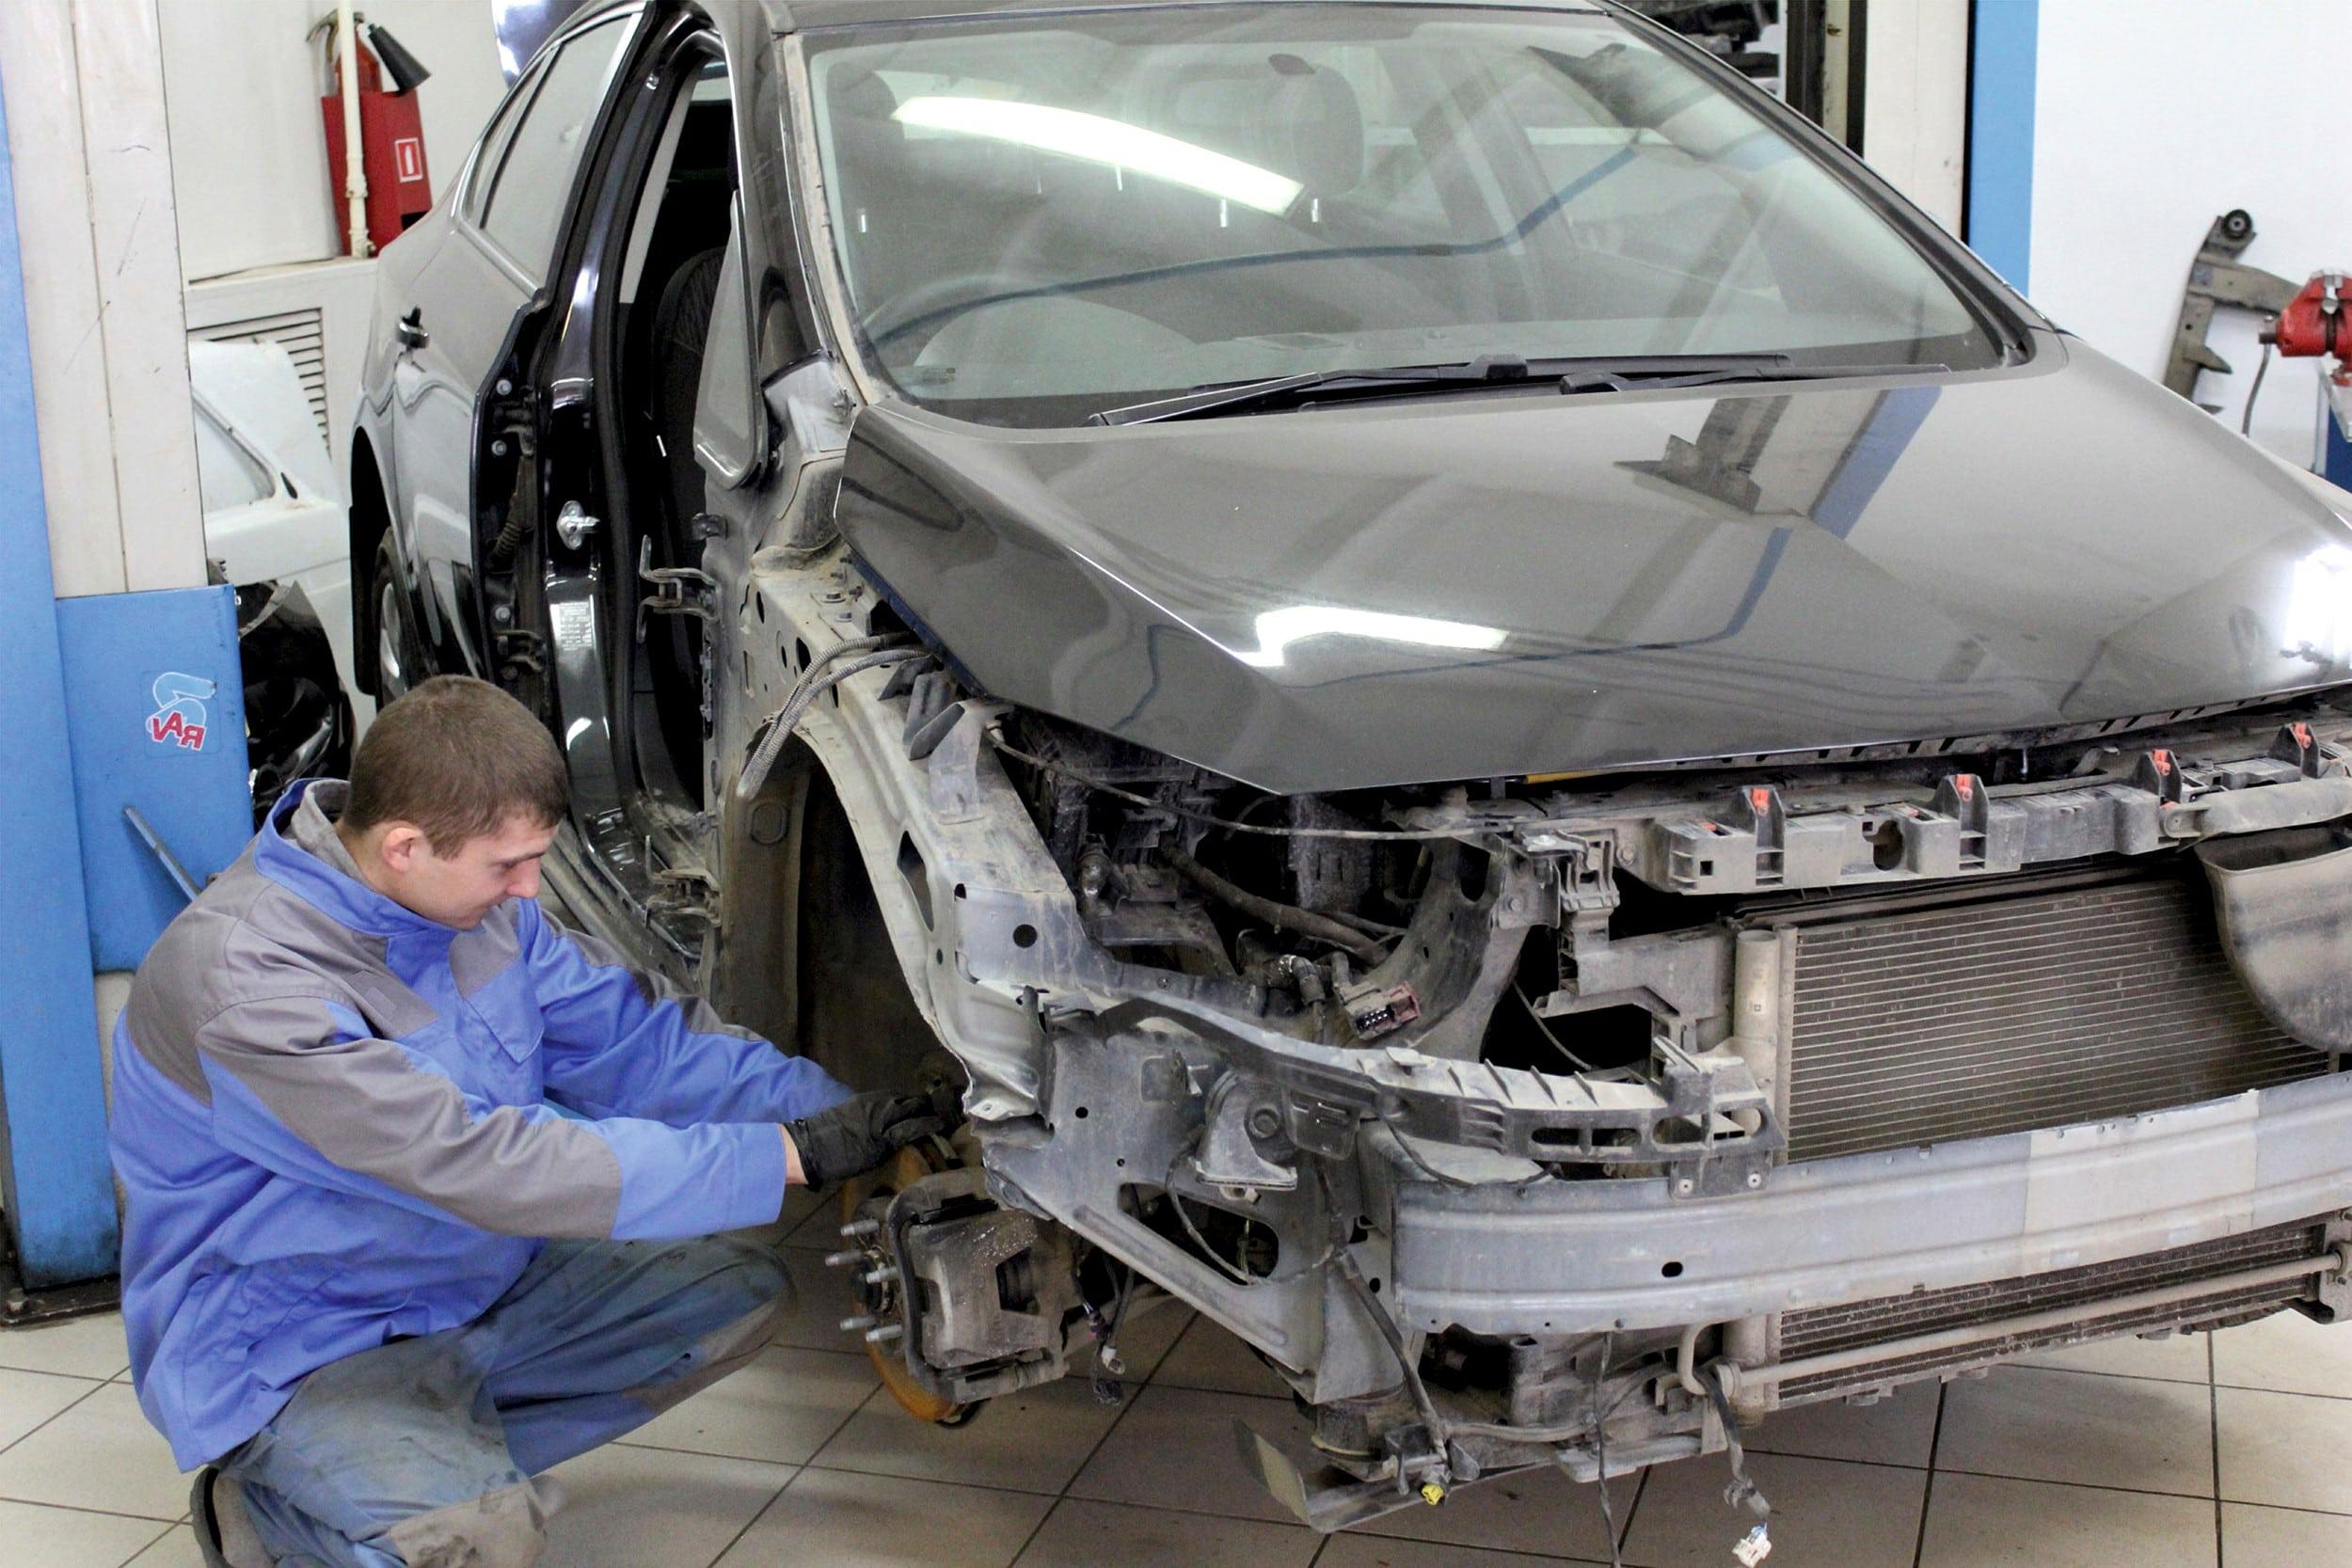 Ремонт кузова автомобиля своими руками, Кузовной ремонт своими руками, auto0bzor.ru